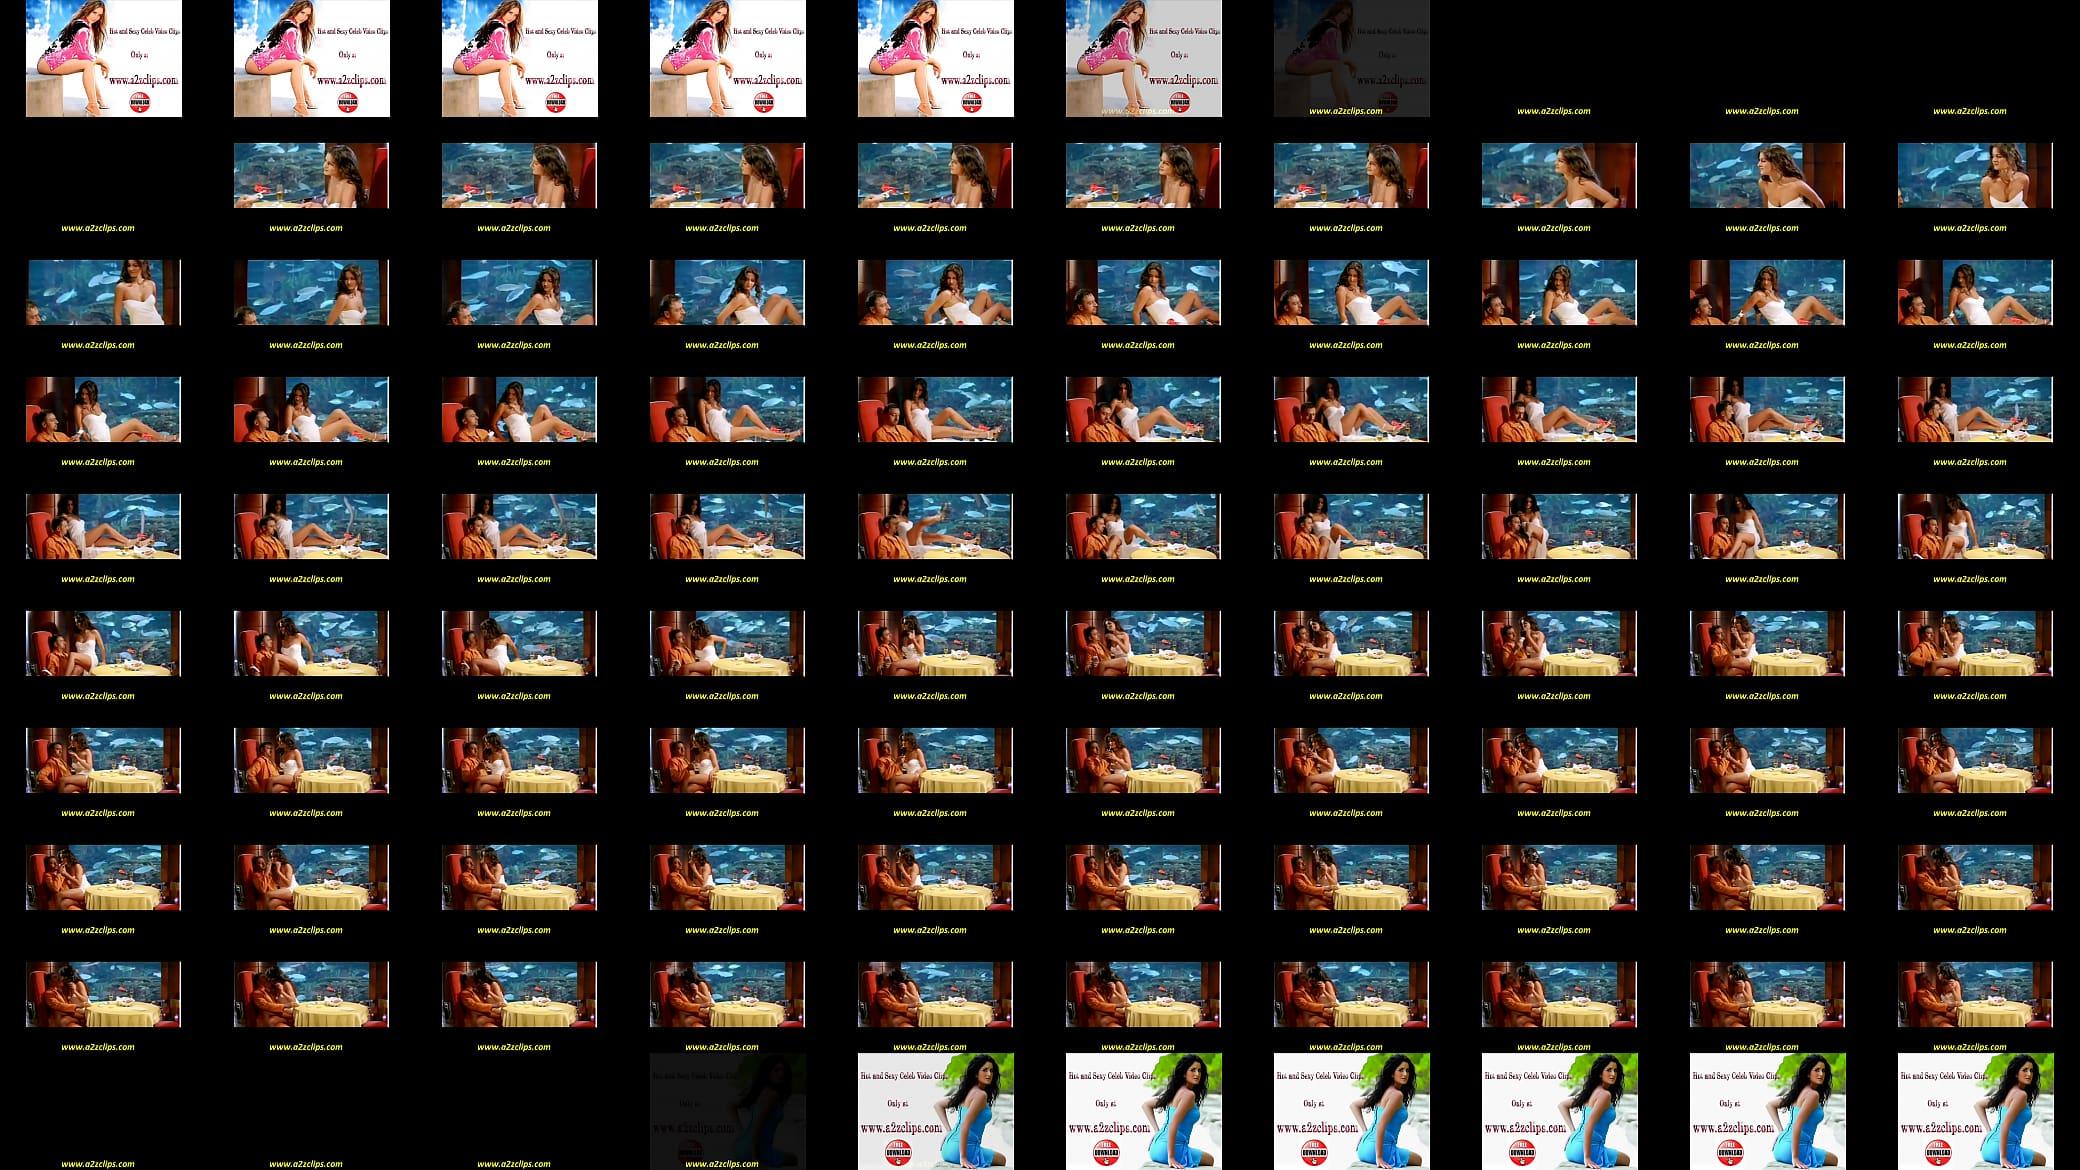 lily allen porn pics